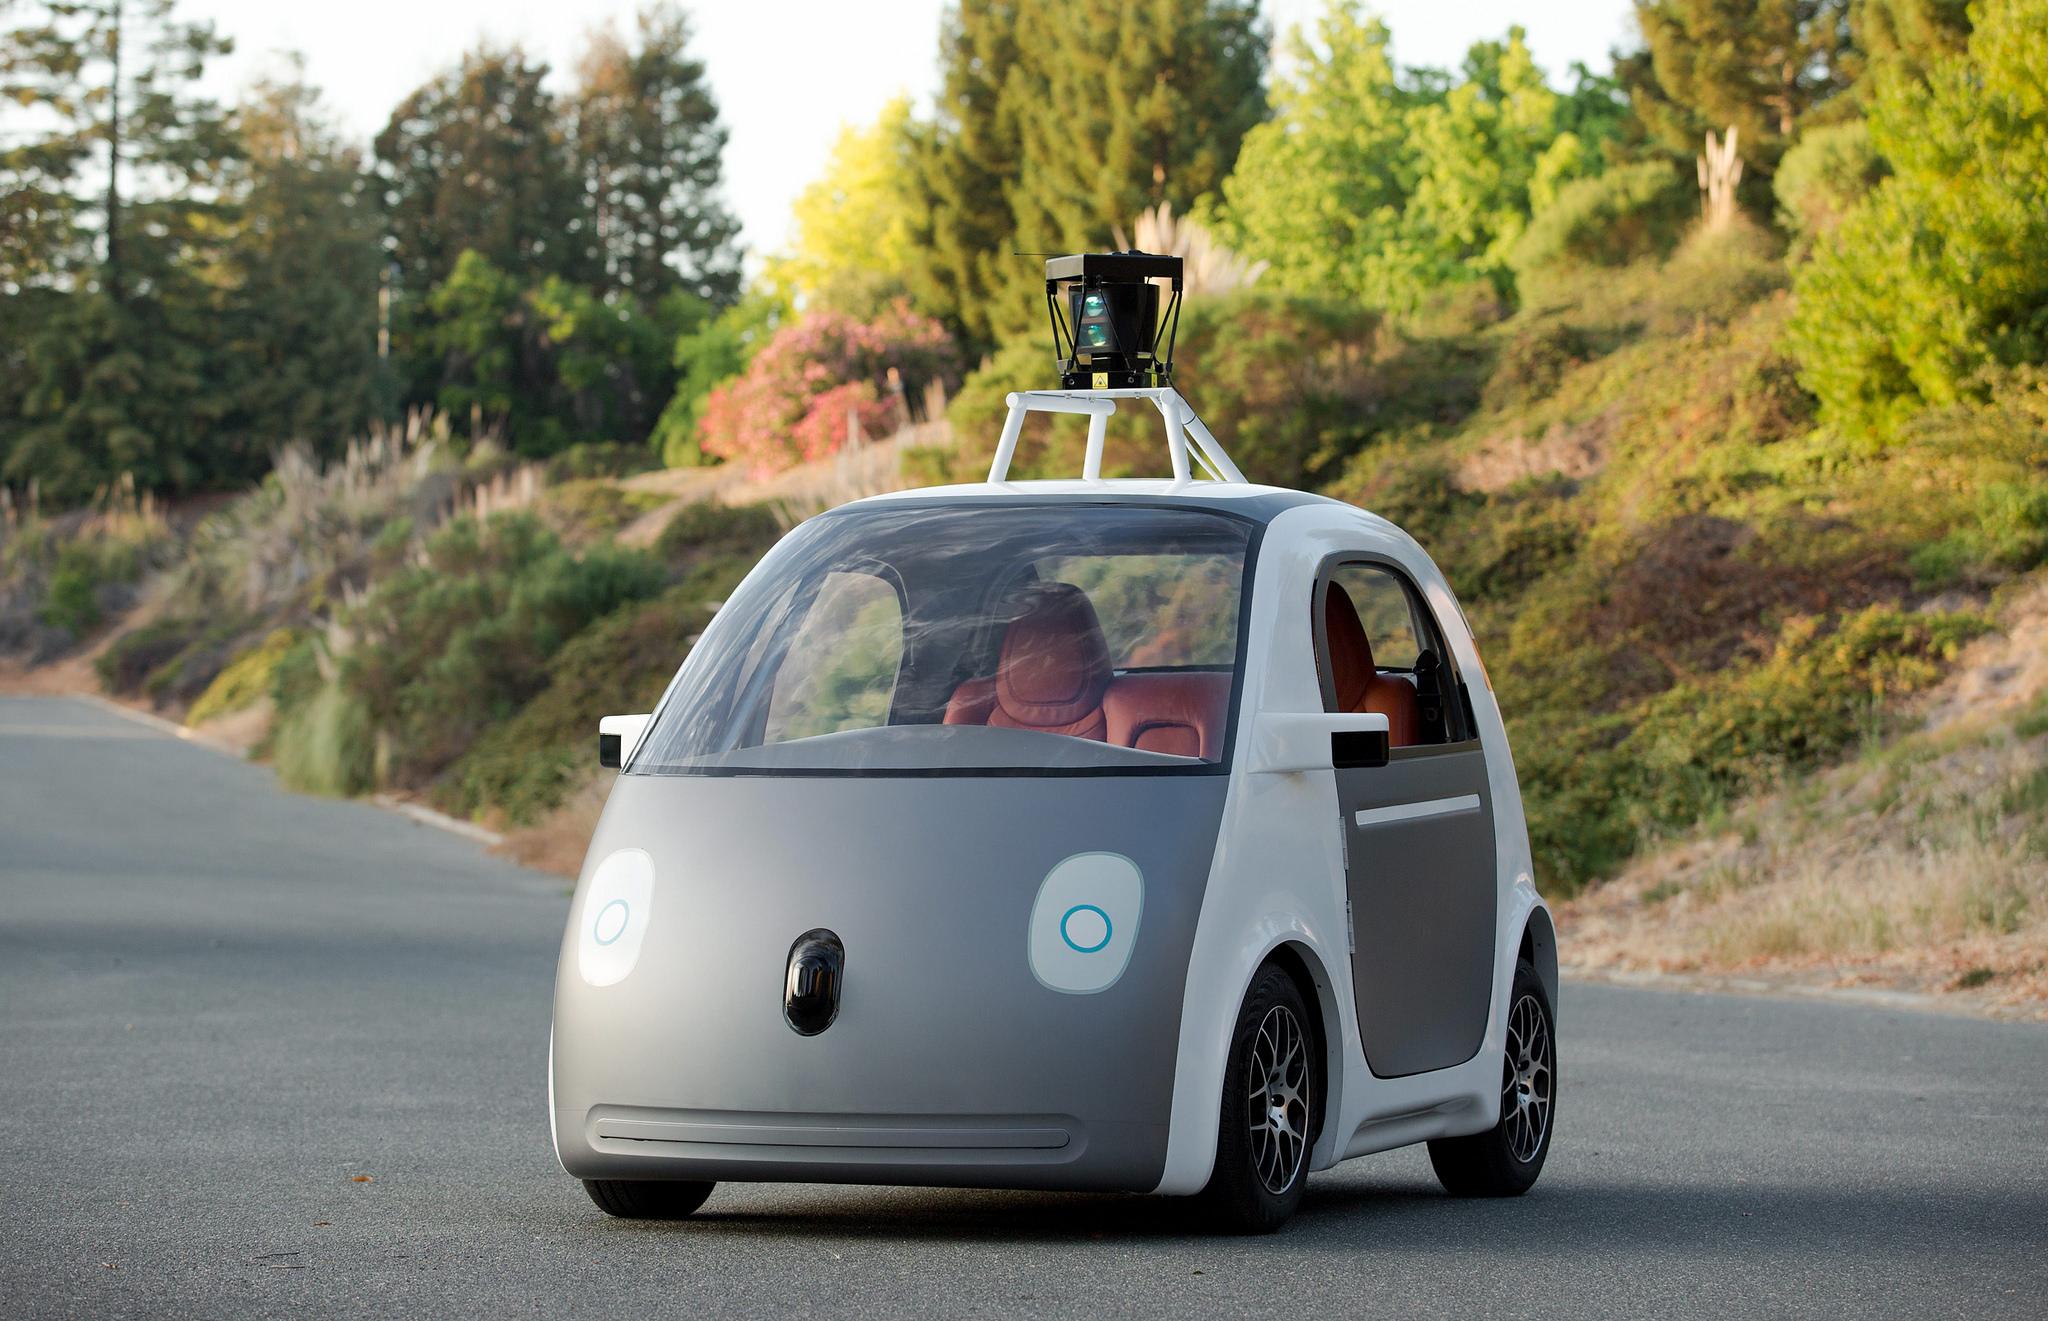 Автономным автомобилям требуется дополнительная тренировка для распознавания людей стёмной кожей.